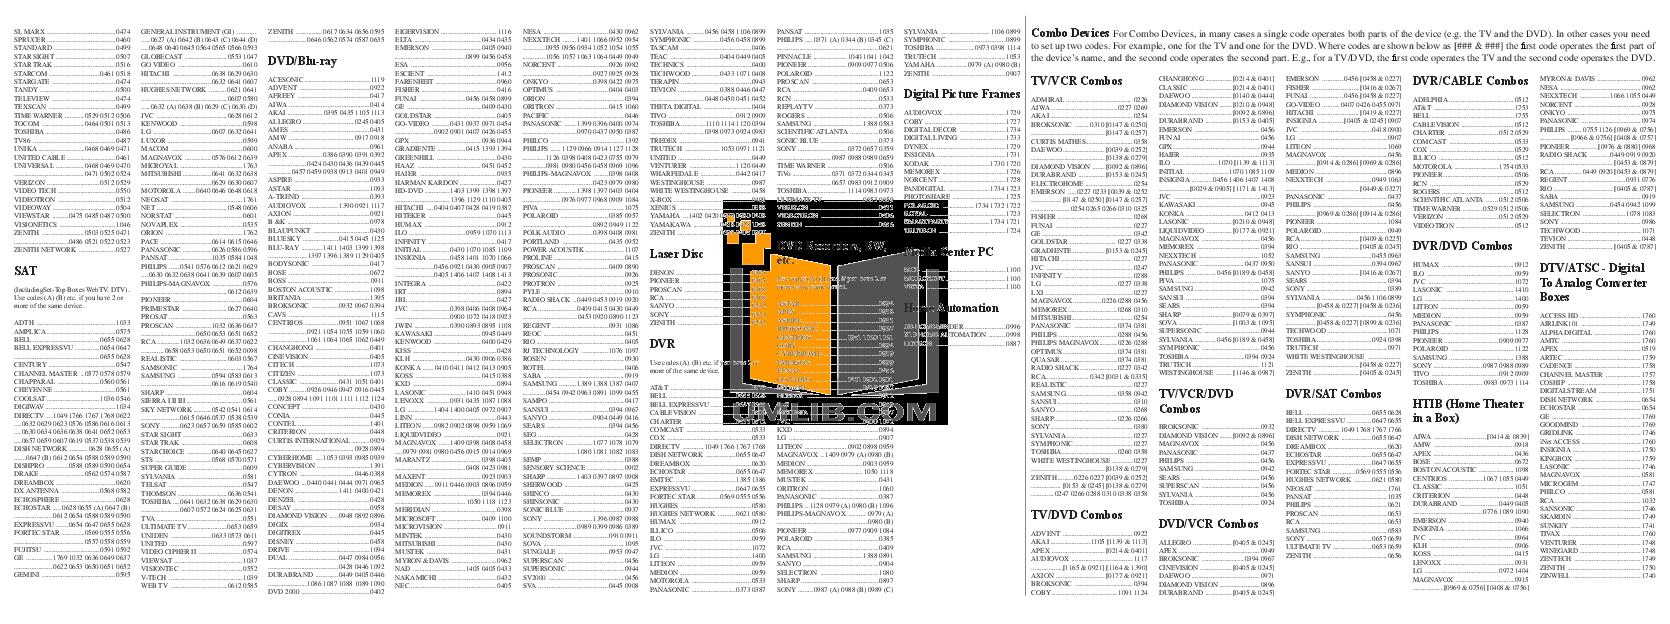 Ge 24930 manual